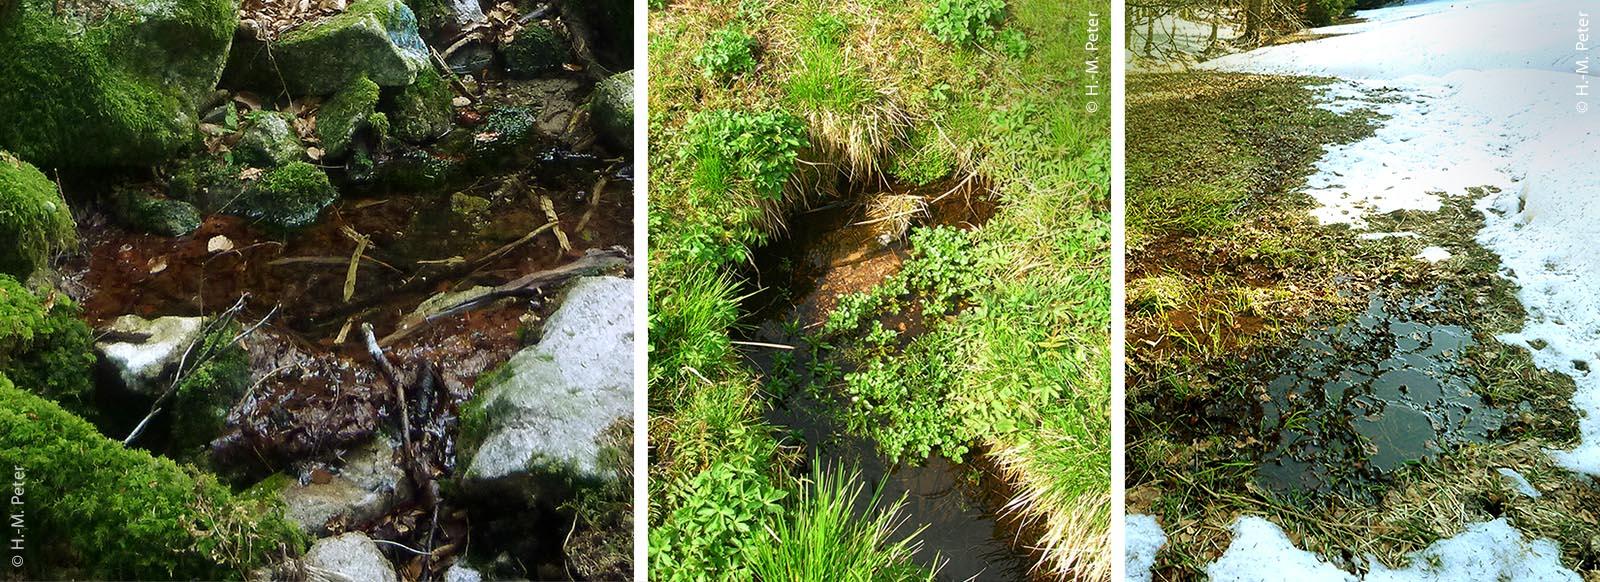 Quellen bei Herrischried (Lkr. Lörrach) bilden unter anderem Zuflüsse zur Oberen Murg: Die Schwandquelle (links) tritt an mehreren Stellen frei aus, die Rohrmoosquelle (Mitte) ist eine typische Wiesenquelle und die Möslequelle durchnässt und sickert durch eine größere, teils sumpfige Fläche.